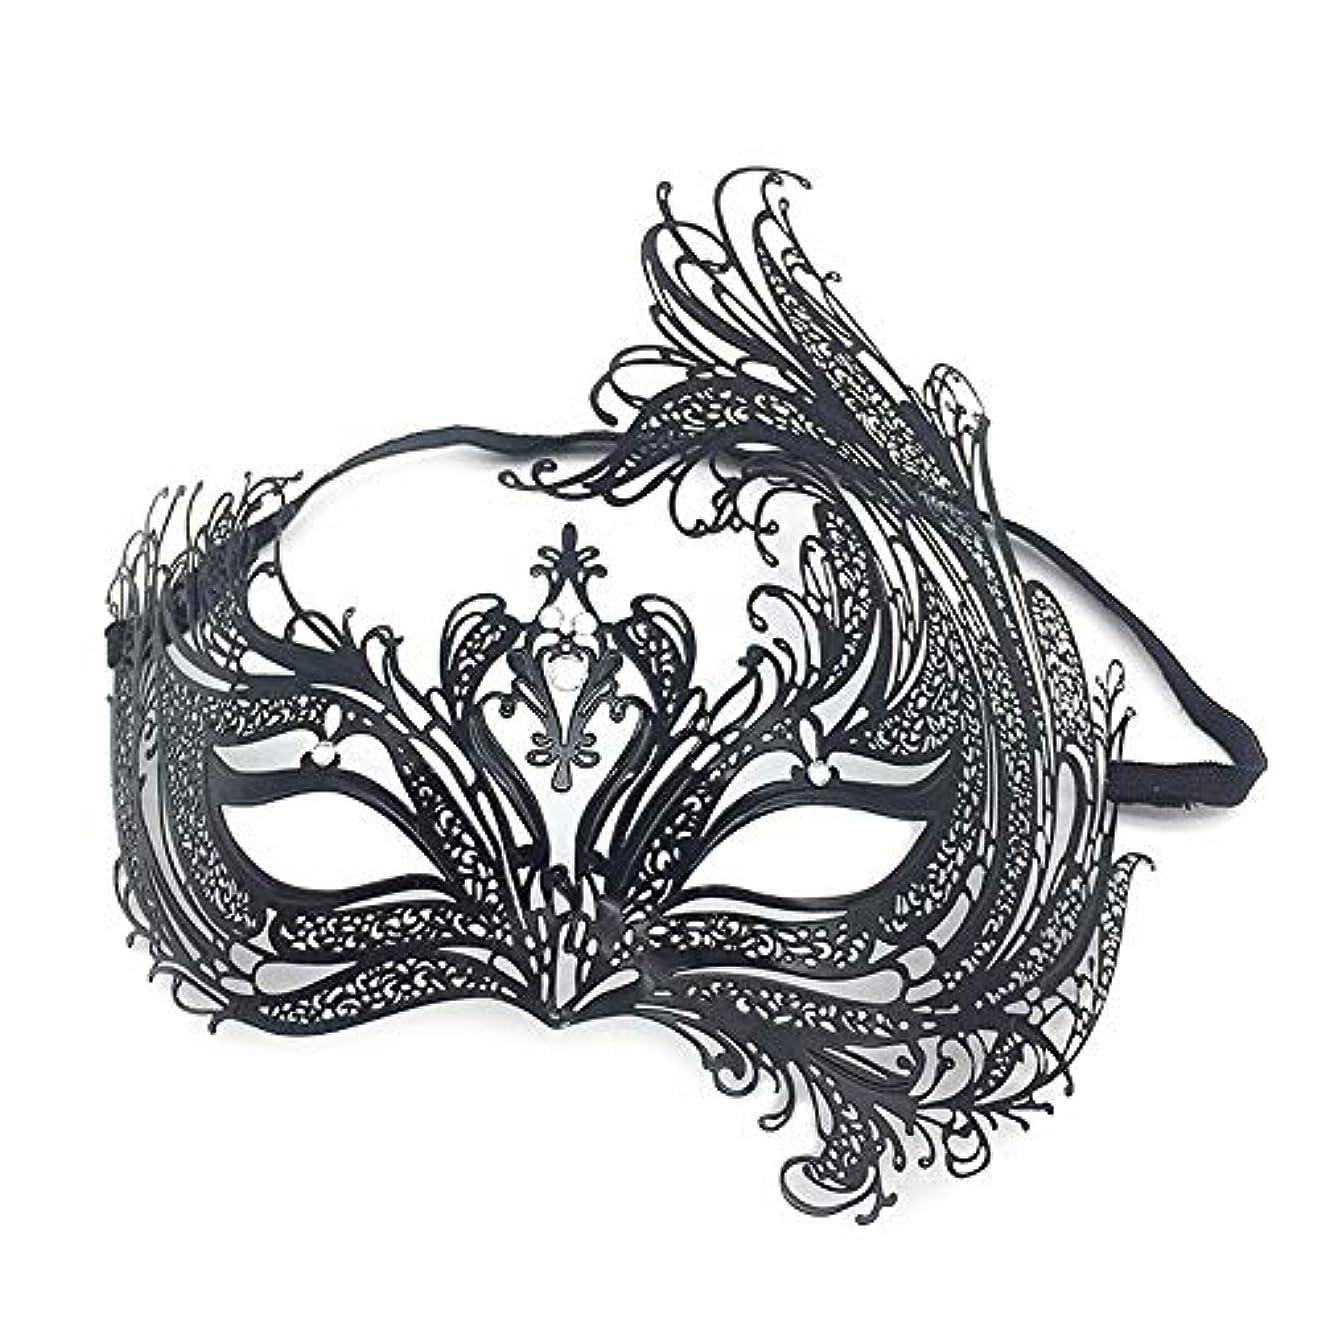 サイレント険しい取り出すダンスマスク 仮面舞踏会パーティーブラックセクシーハーフフェイスフェニックスハロウィーンロールプレイングメタルマスクガール ホリデーパーティー用品 (色 : ブラック, サイズ : 20x19cm)